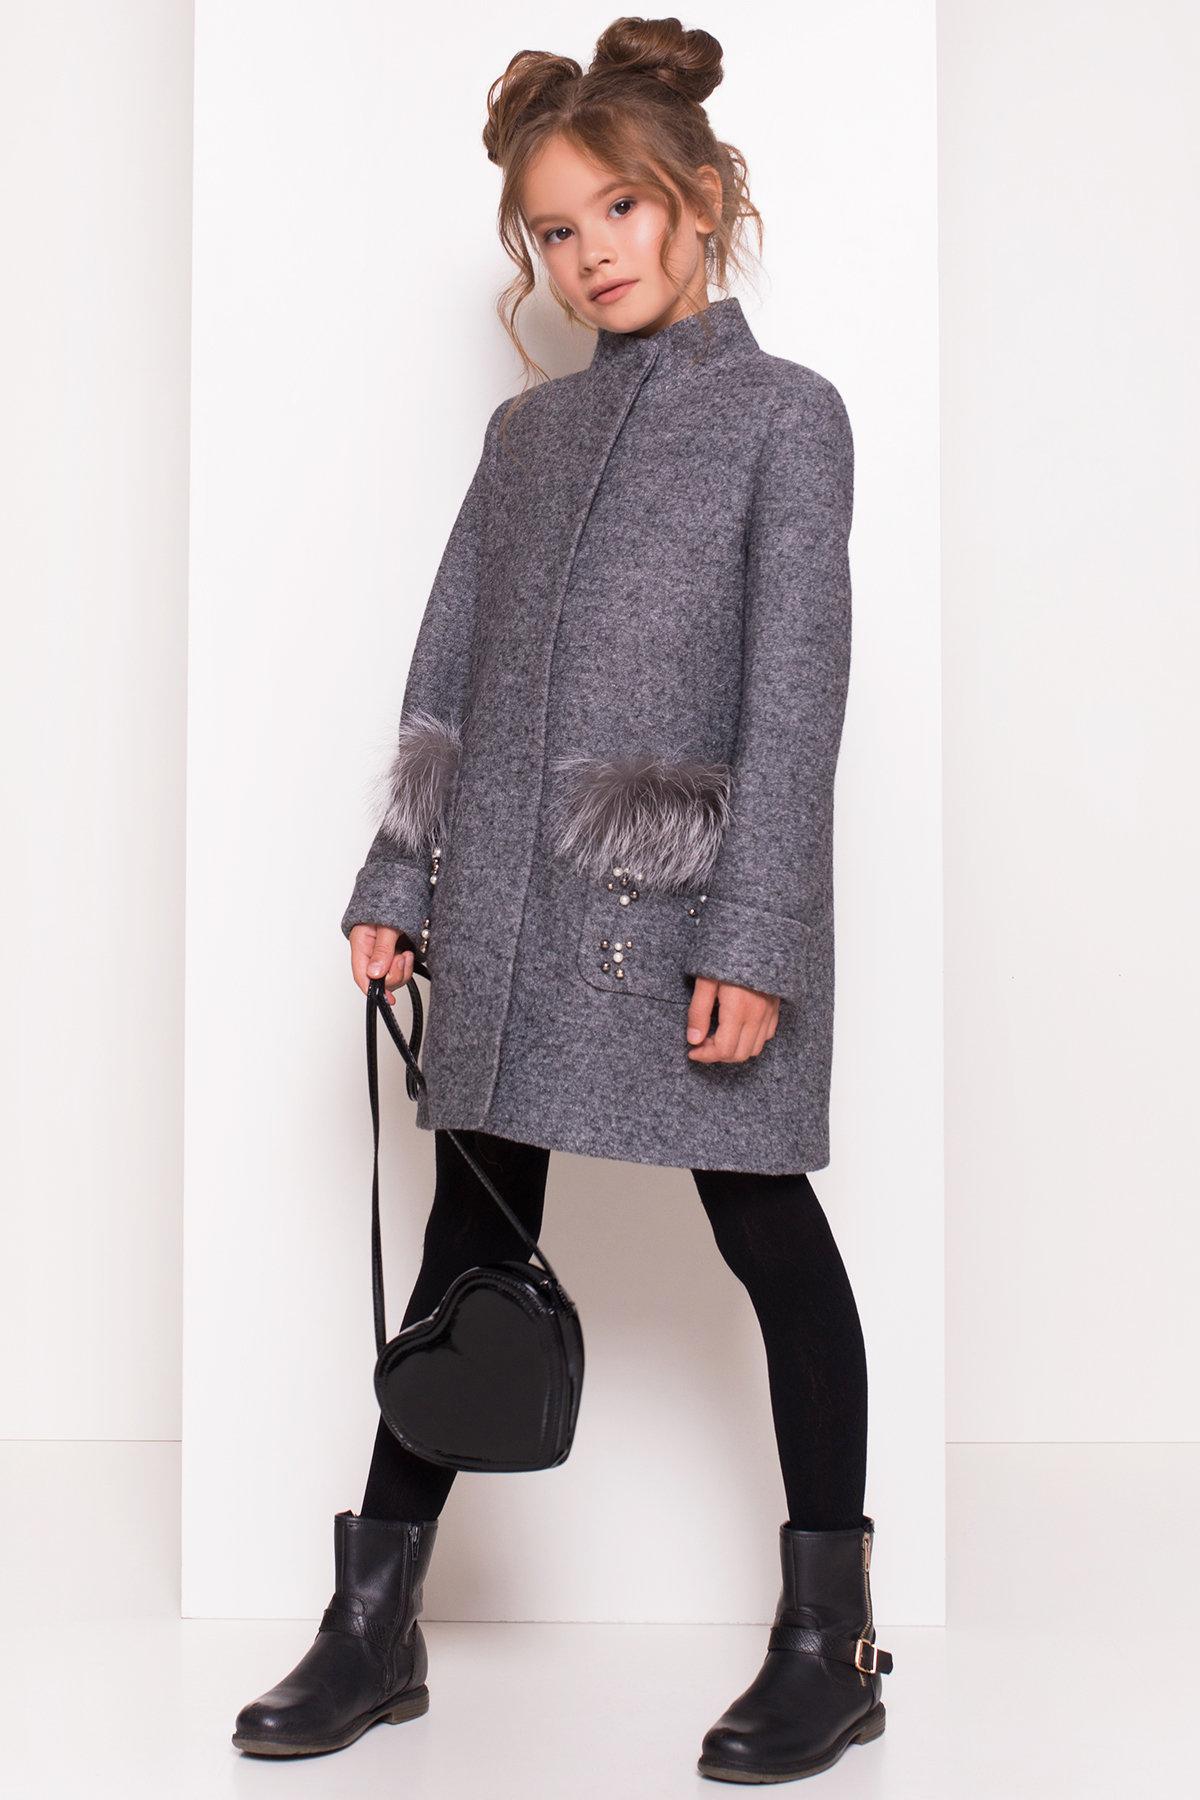 Пальто детское Норма 5286 АРТ. 36527 Цвет: Серый Темный LW-5 - фото 3, интернет магазин tm-modus.ru